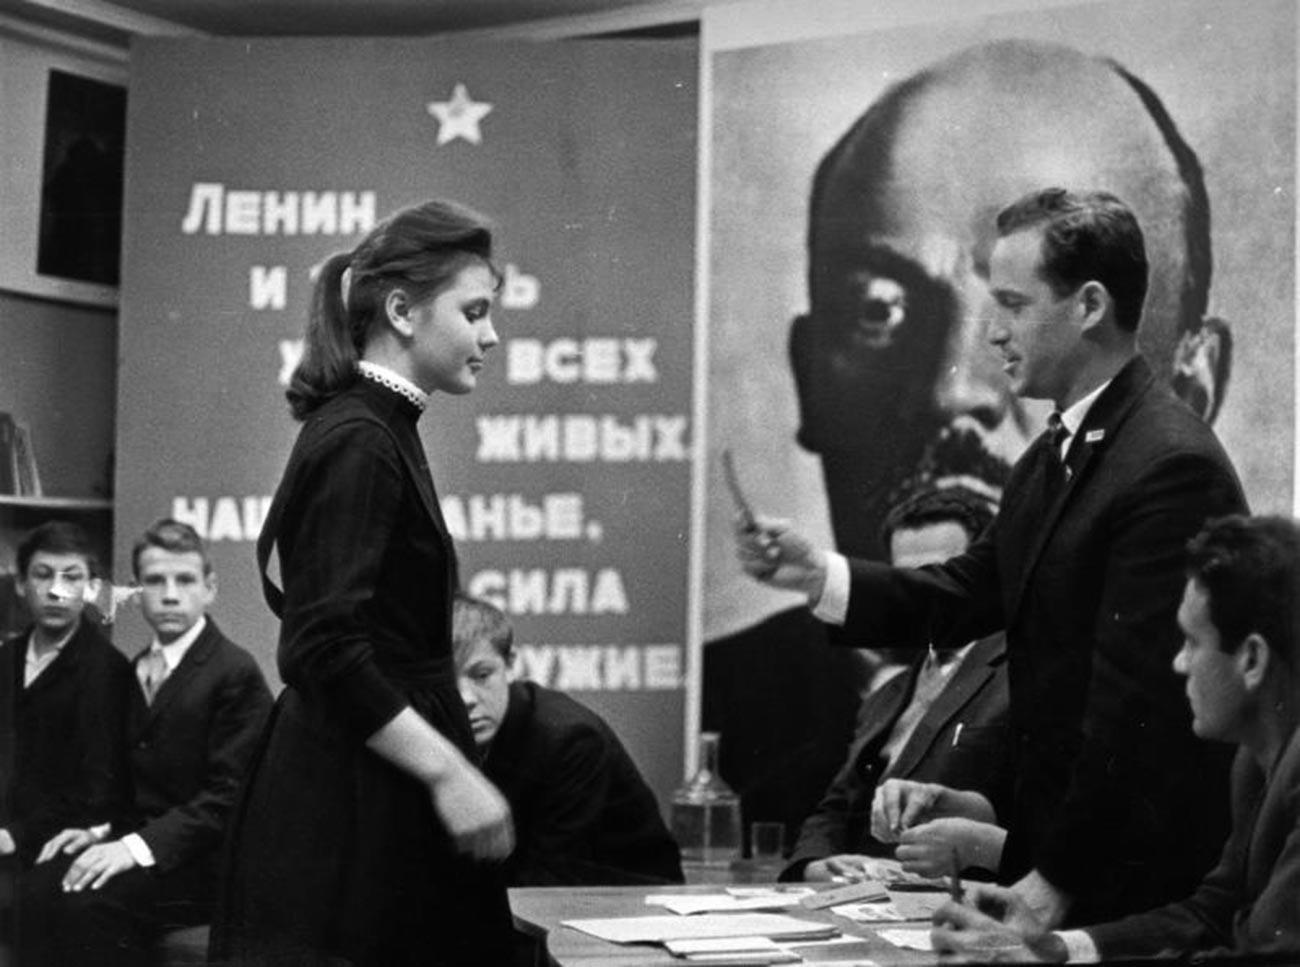 Seorang gadis menerima kartu keanggotaan Komsomol.